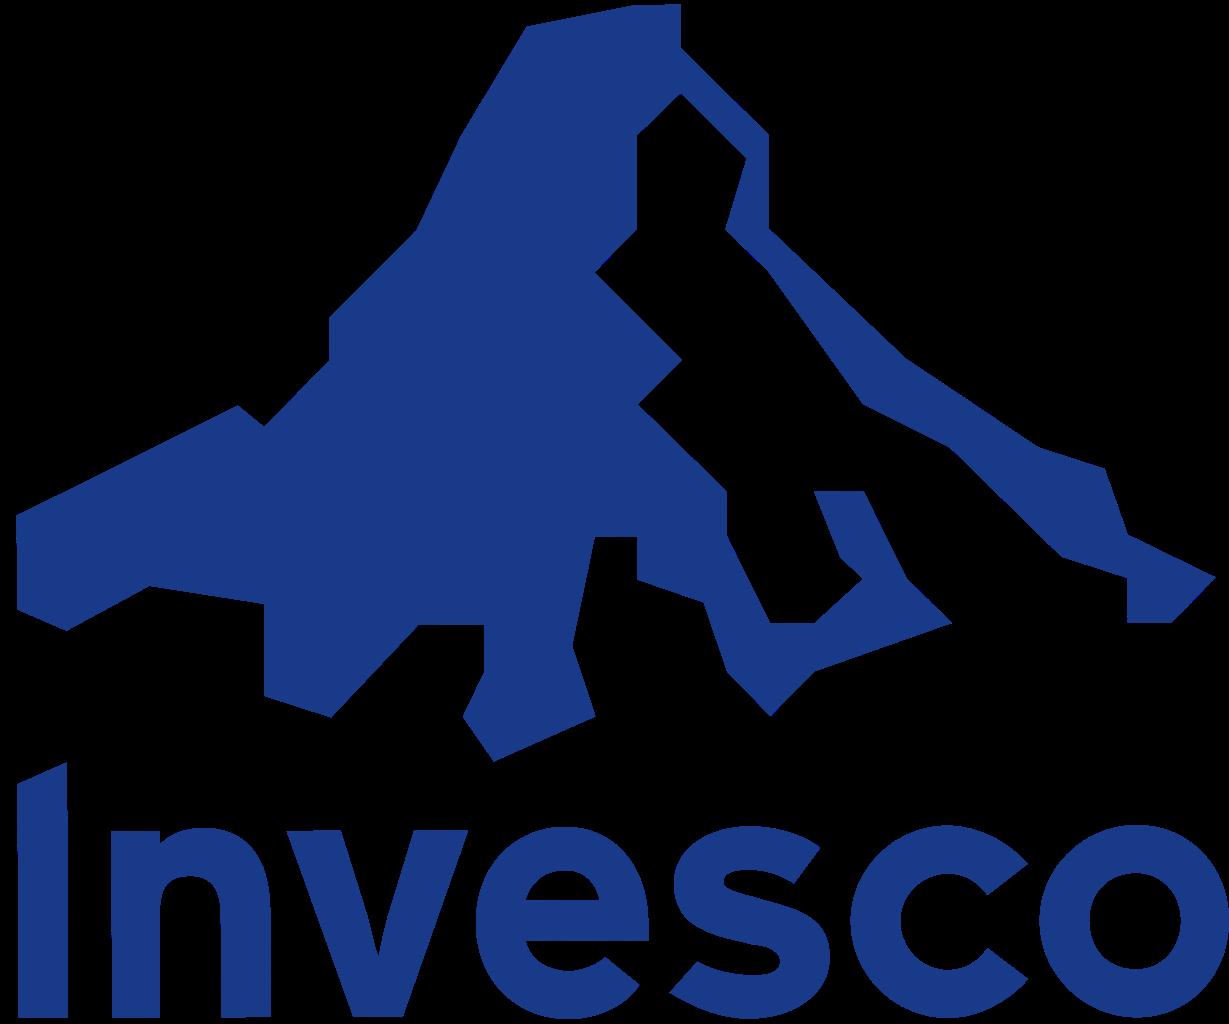 2015_9-9_Invesco_logo.jpg